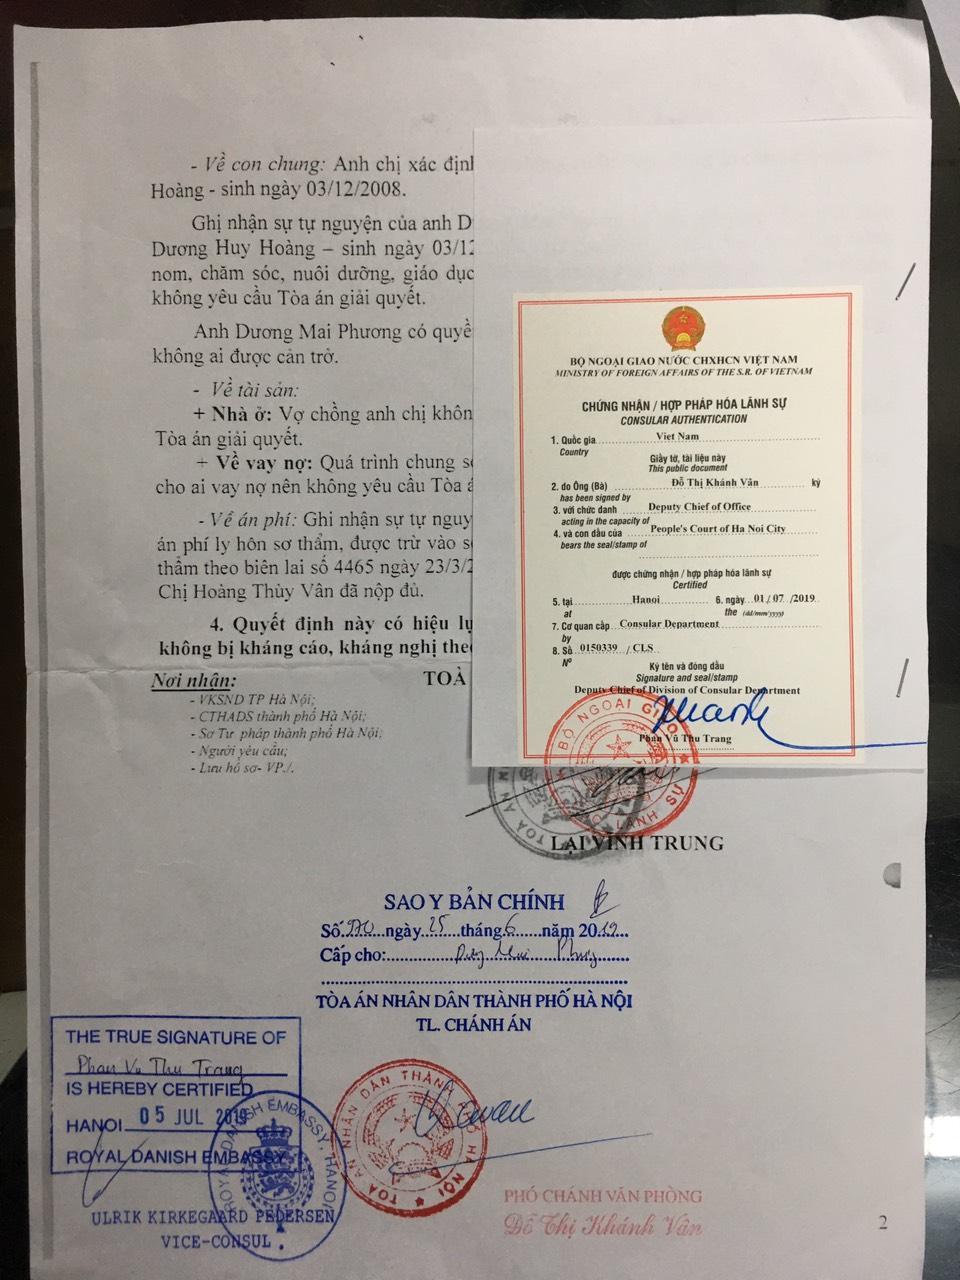 Chứng nhận hợp pháp hóa lãnh sự tại Đại sứ quán Đan Mạch